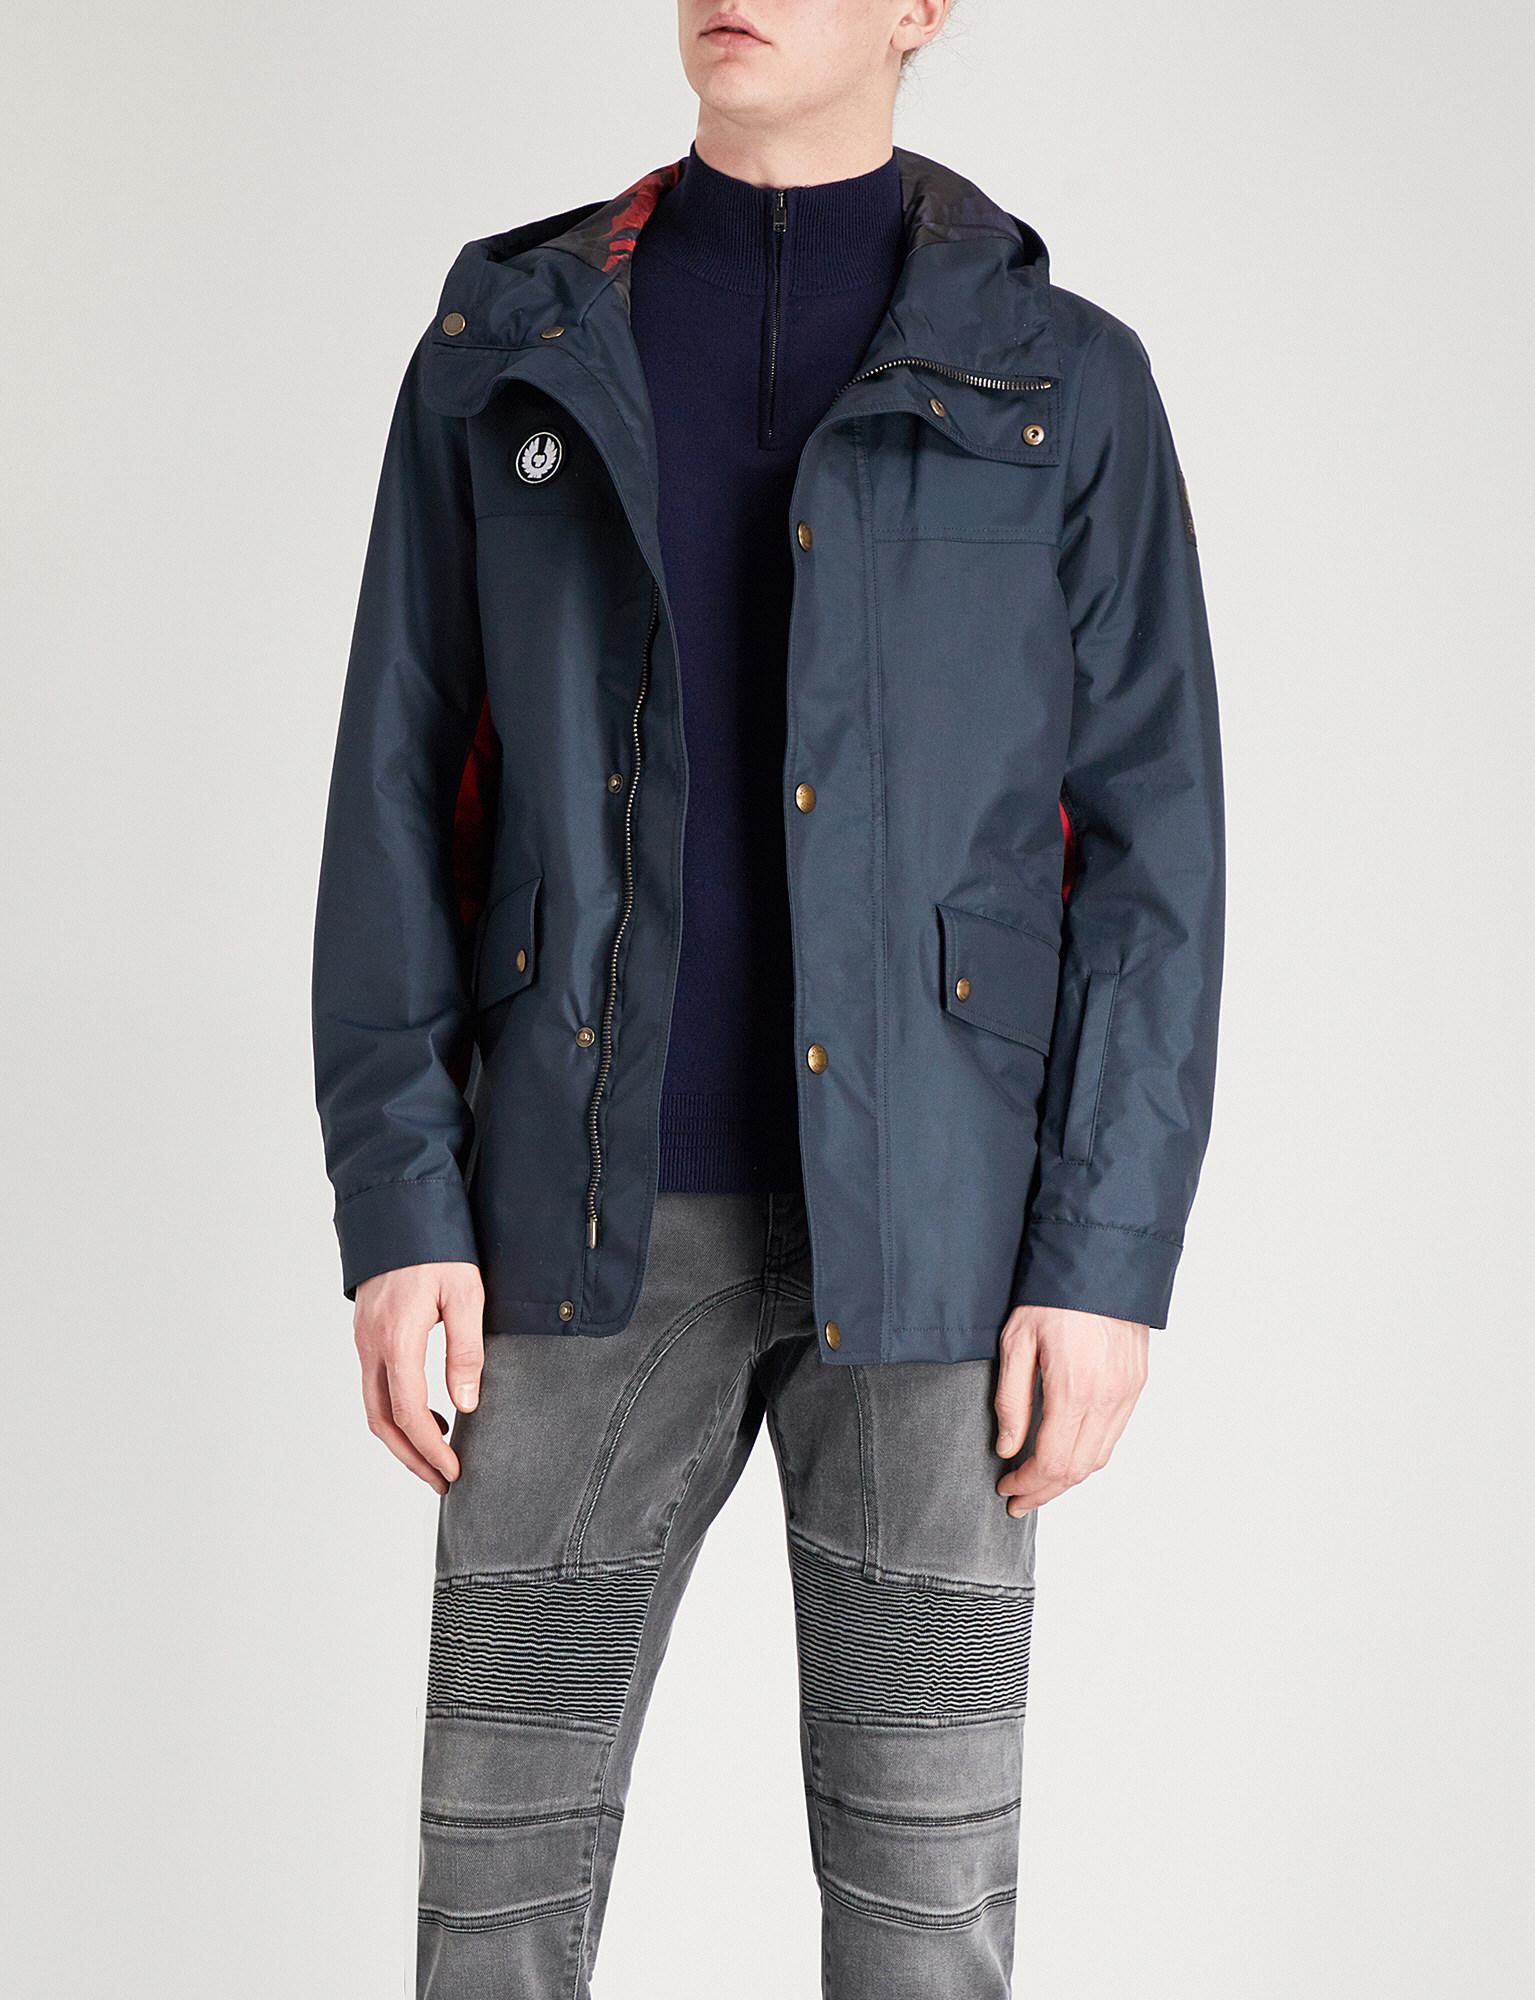 Lyst In Belstaff Hooded Shell For Jacket Kersbrook Blue Men FcF4yq8Zr